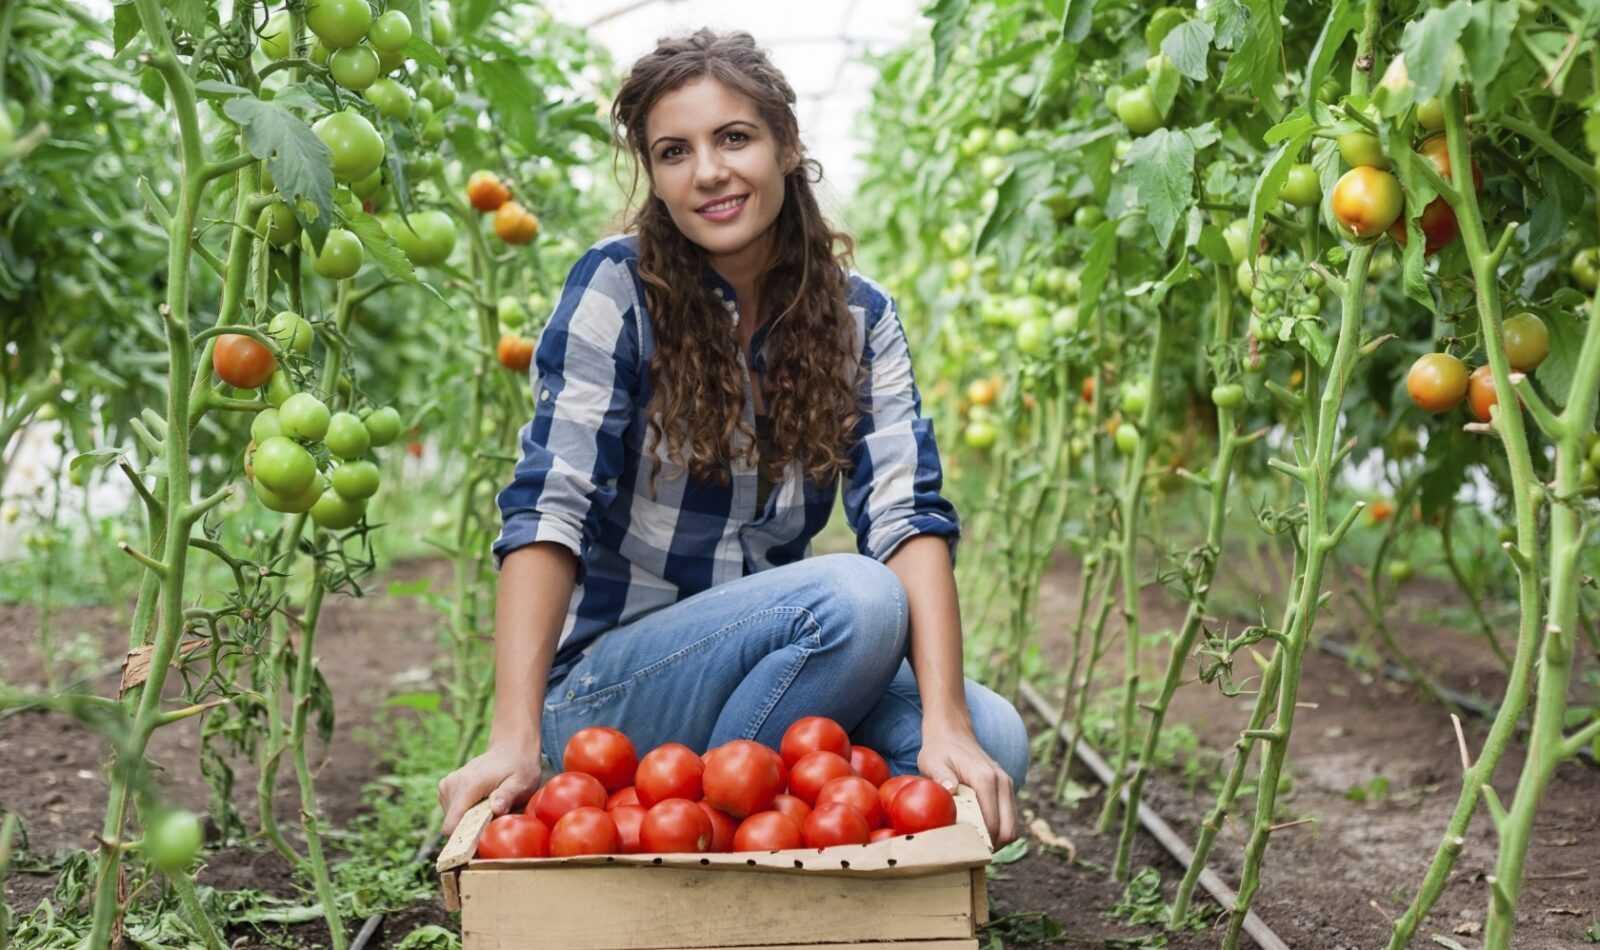 Выращивание овощей, зелени и фруктов